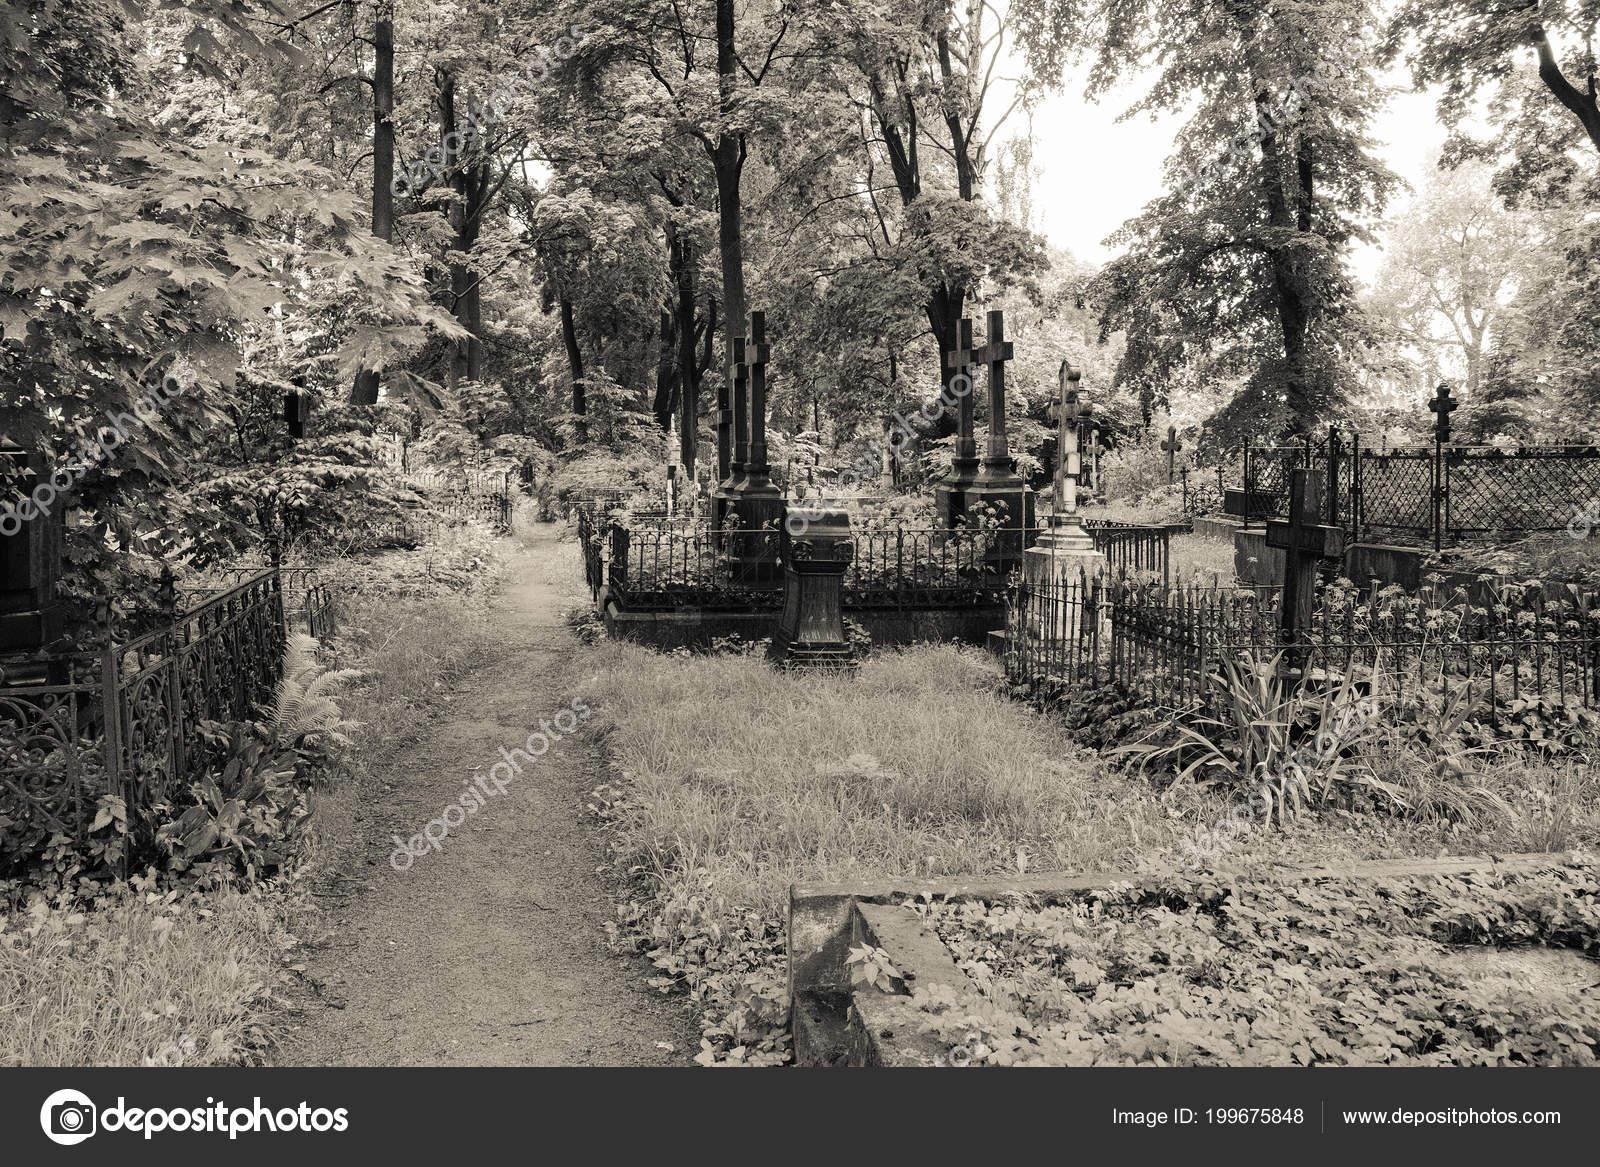 Un cimetière du XIXème siècle découvert dans un bois Depositphotos_199675848-stock-photo-pathway-abandoned-cemetery-graves-tombs